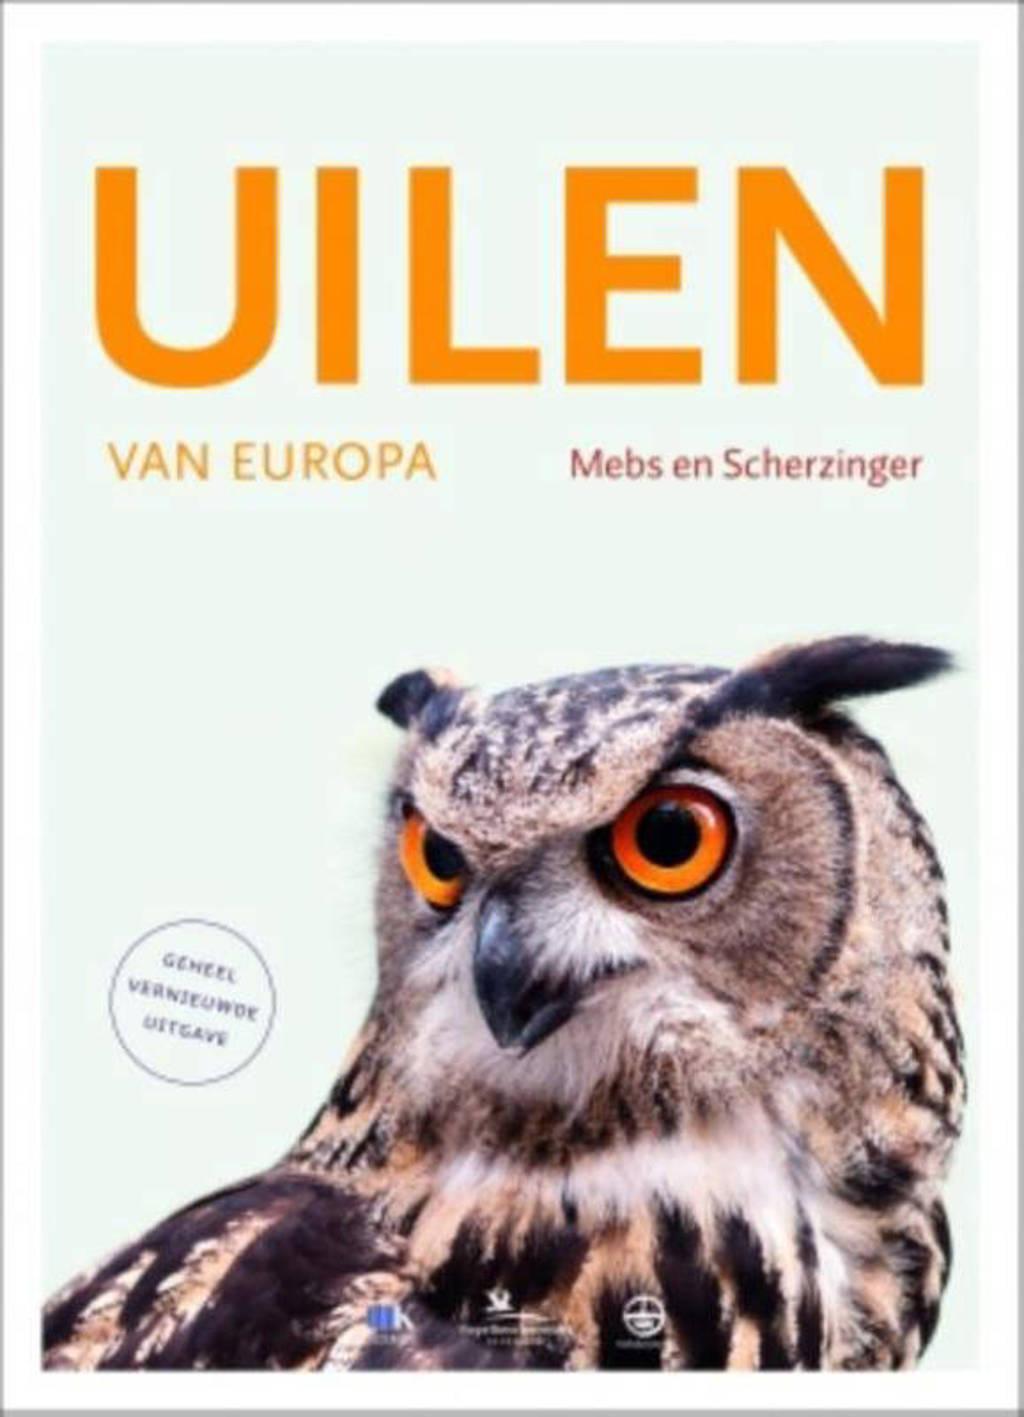 Uilen van Europa - Theodor Mebs en Wolfgang Scherzinger